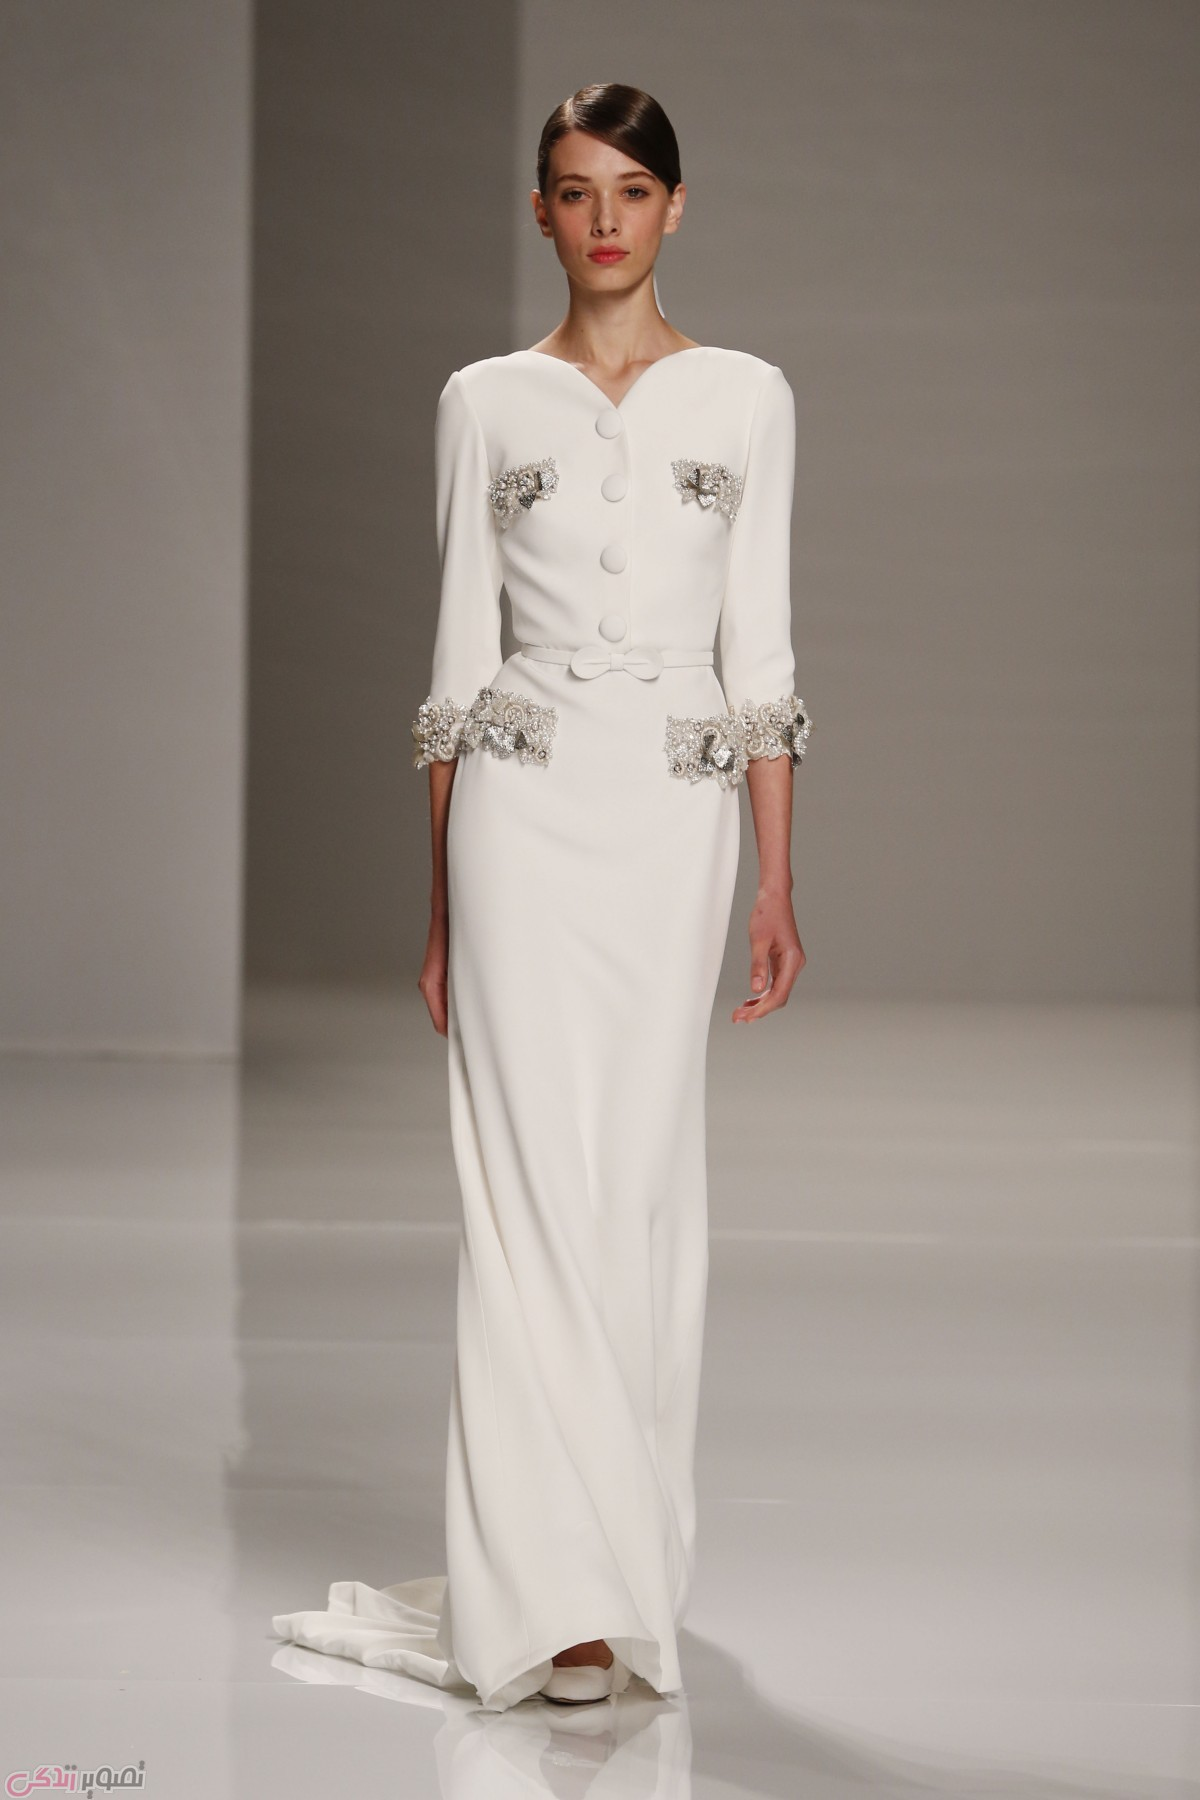 پیراهن سفید مجلسی , لباس مجلسی شیک